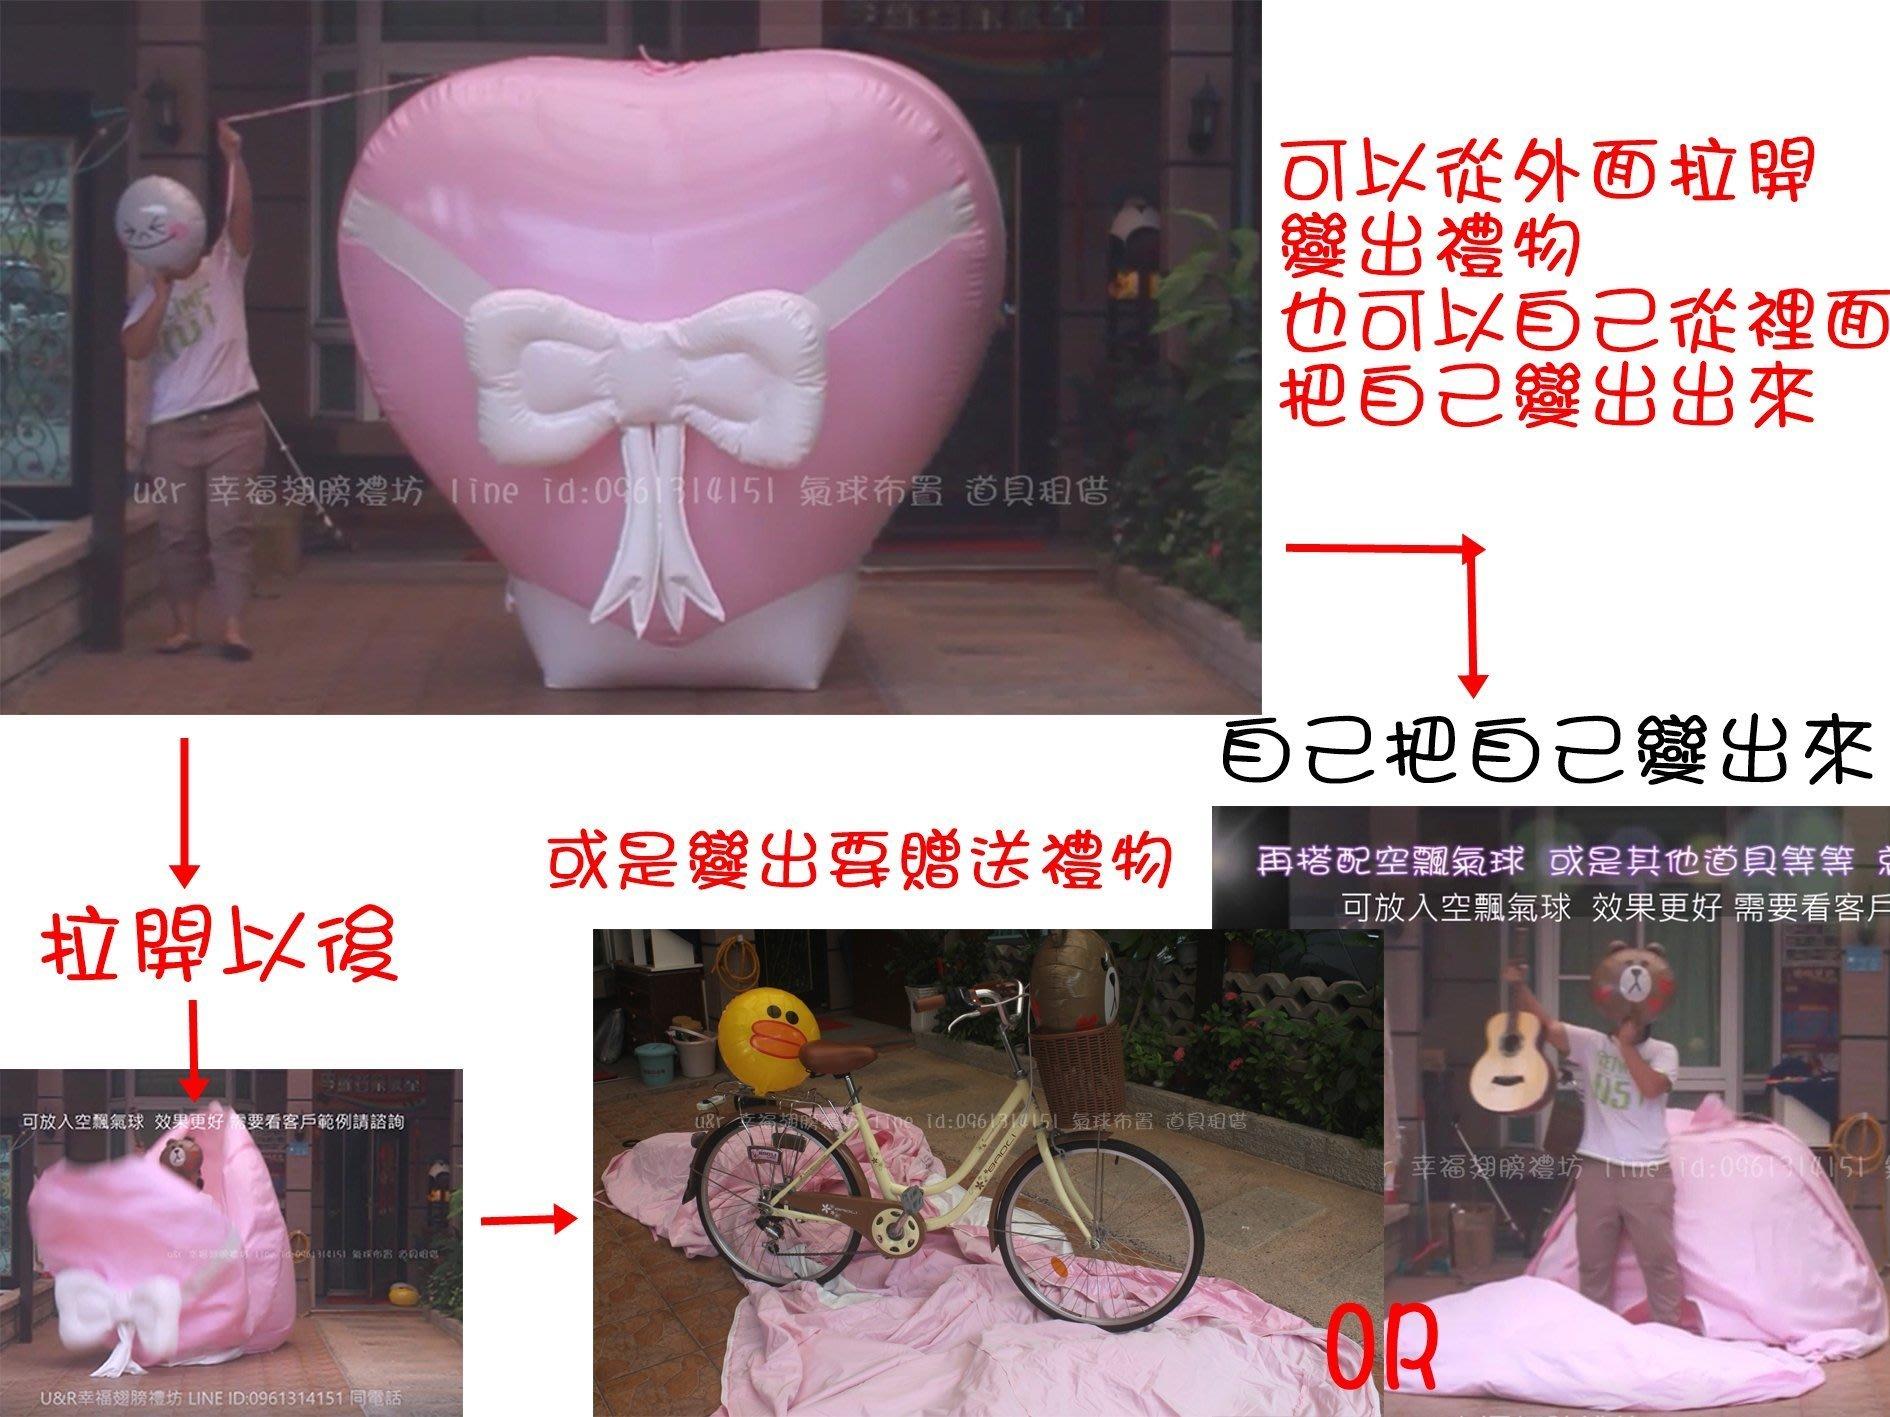 超大汽球 把人變出來 一人可使用 魔法氣球 道具租借  求婚道具 告白  生日 驚喜 浪漫 求婚布置 求婚驚喜 周年